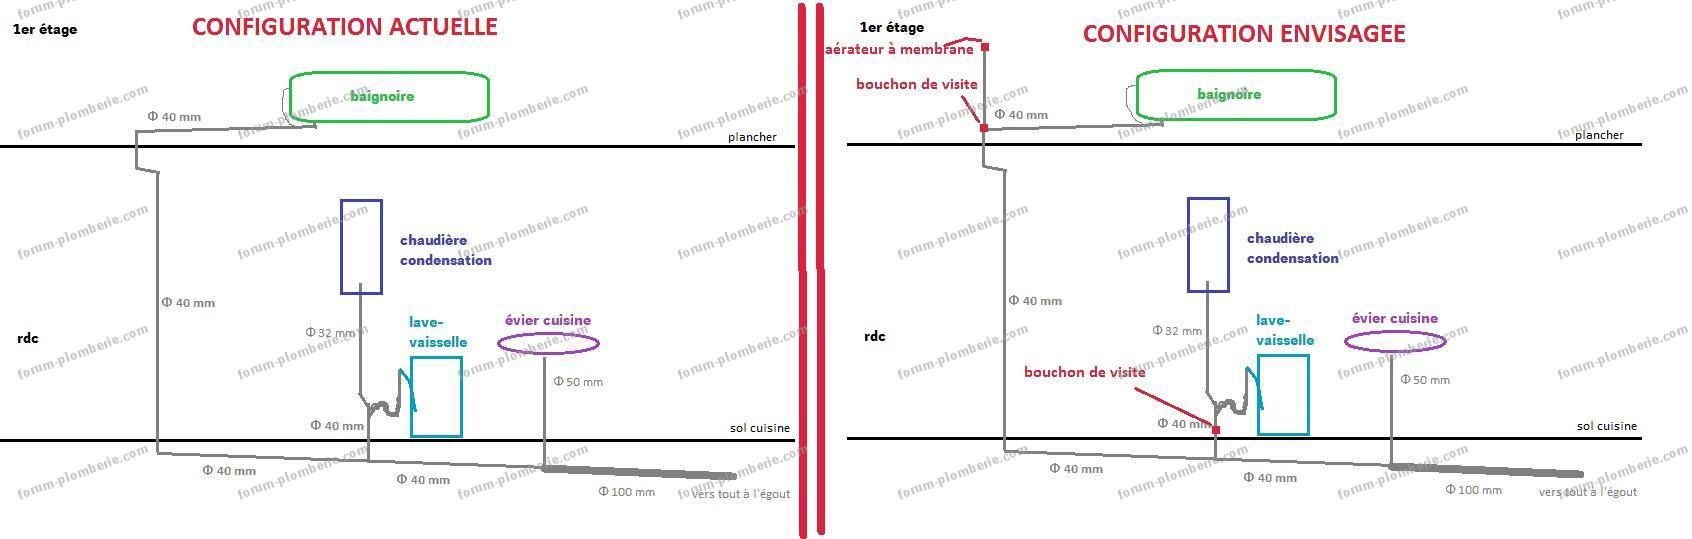 Conseils Plomberie Probleme Evacuation Baignoire Et Lave Vaisselle